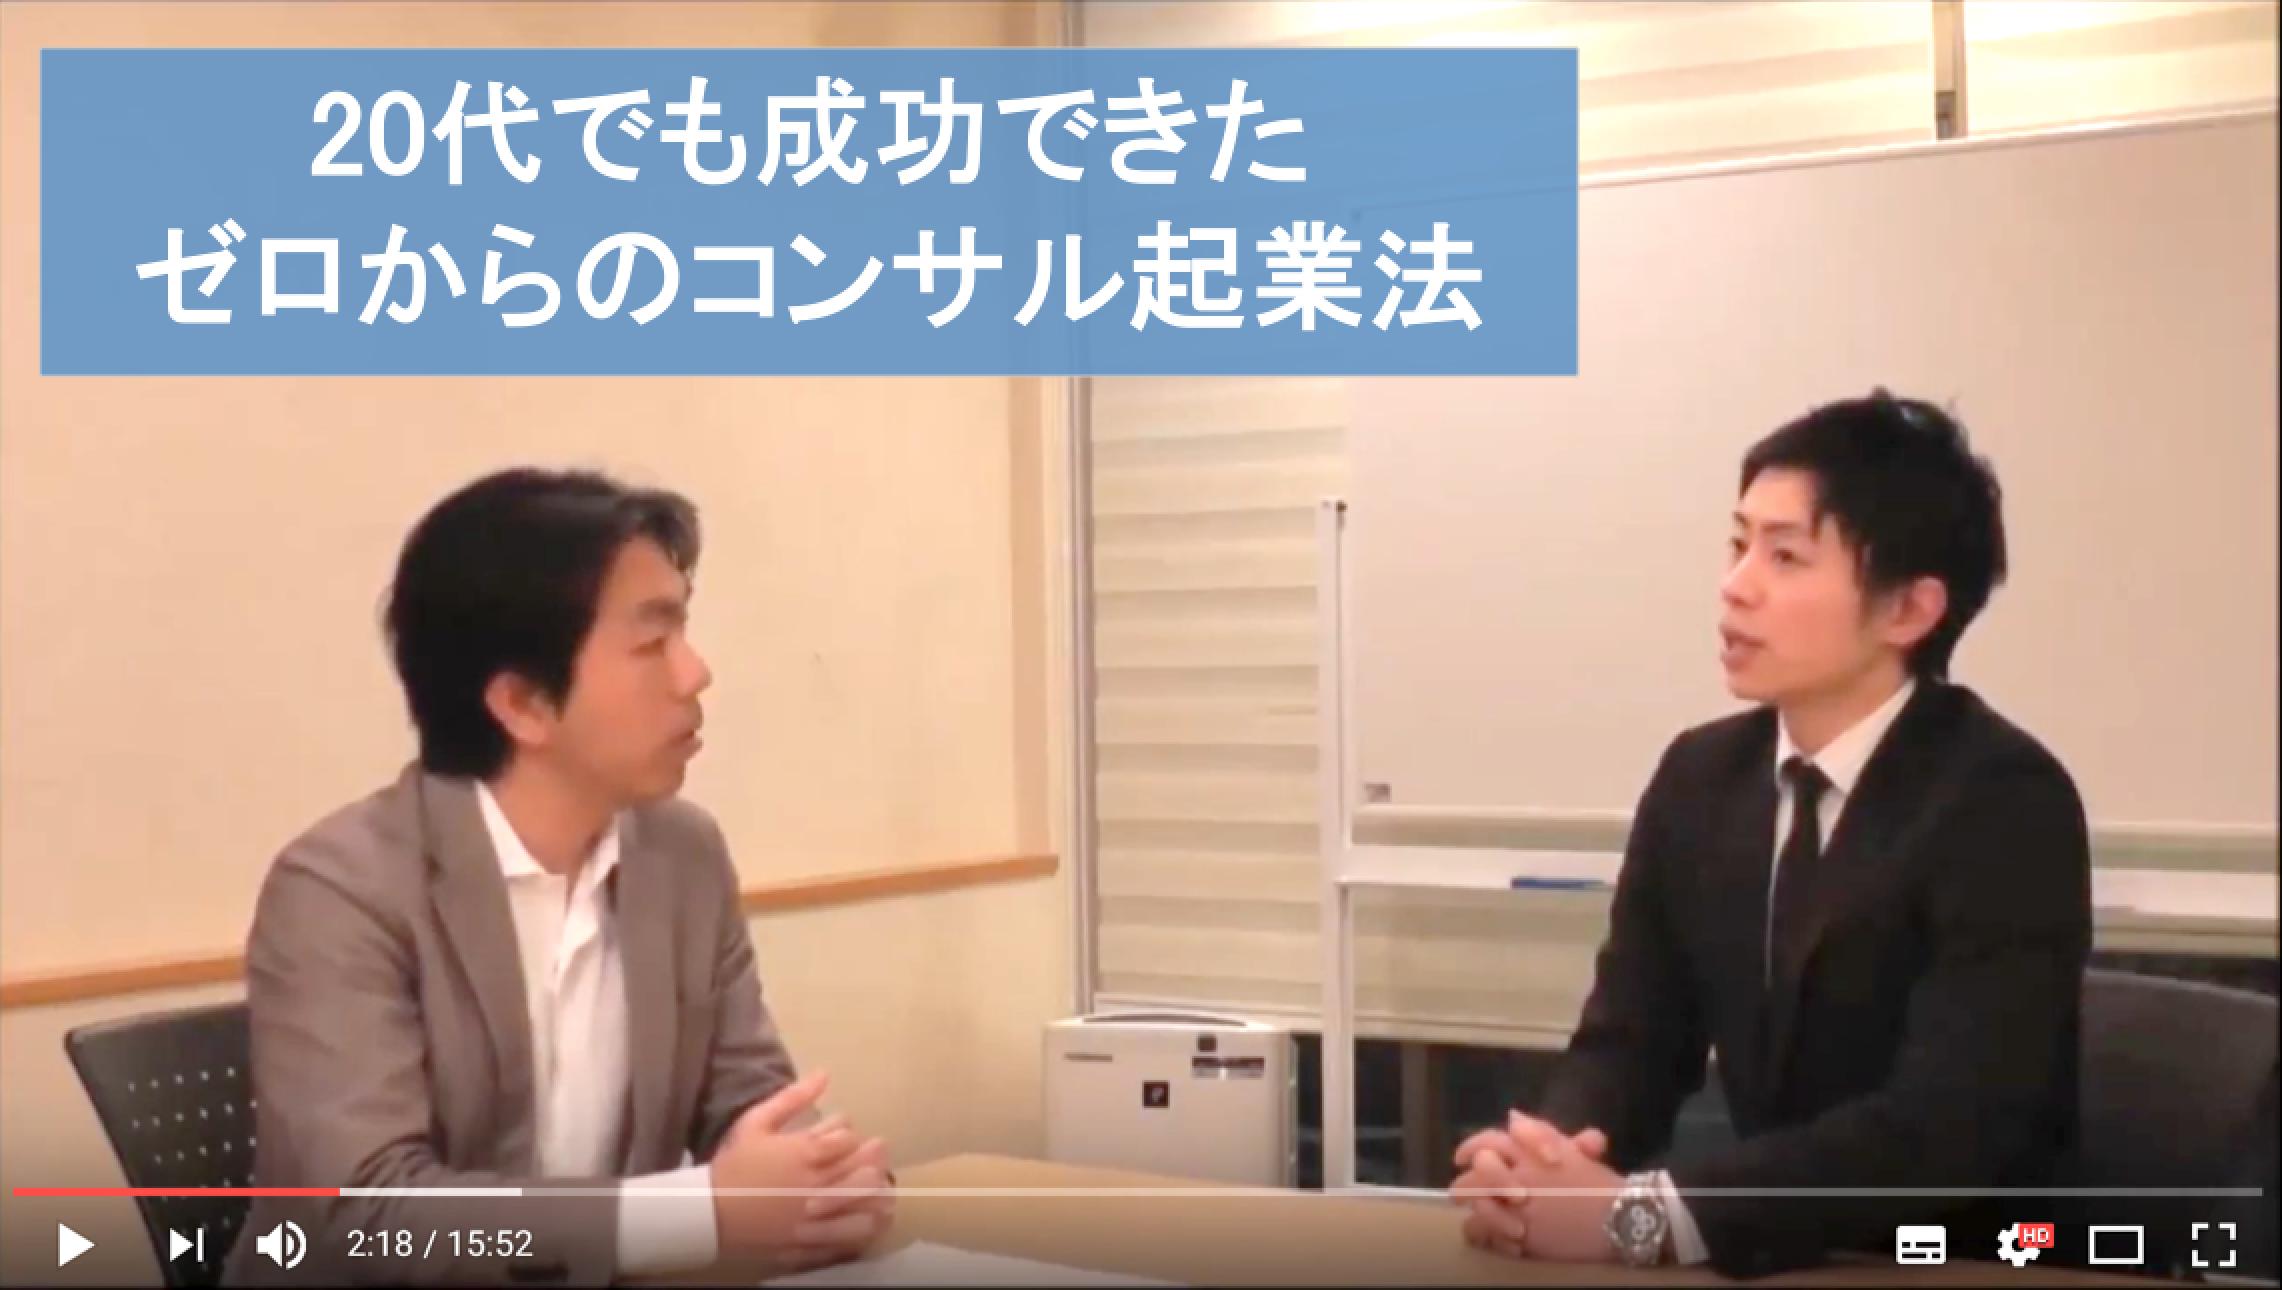 プロフェッショナル対談コンサルタント伊藤藤原コンサル起業法